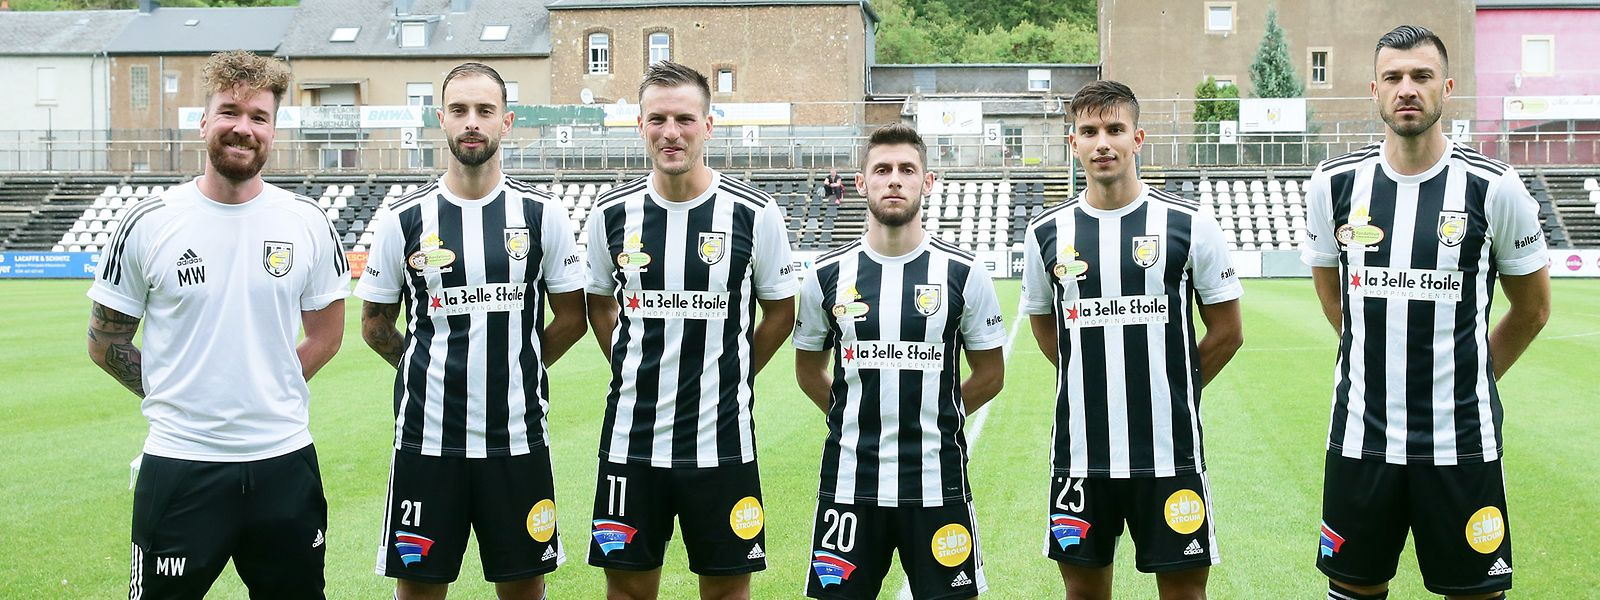 Trainer Marcus Weiss und die kurzfristig verpflichteten Neuzugänge: Markus Einsiedler (11), Georgios Xenitidis (20), Alexandros Voilis (23) und Xavier Tomas (r.). Der Wechsel von Aldin Dervisevic (21) stand bereits Anfang Mai fest.